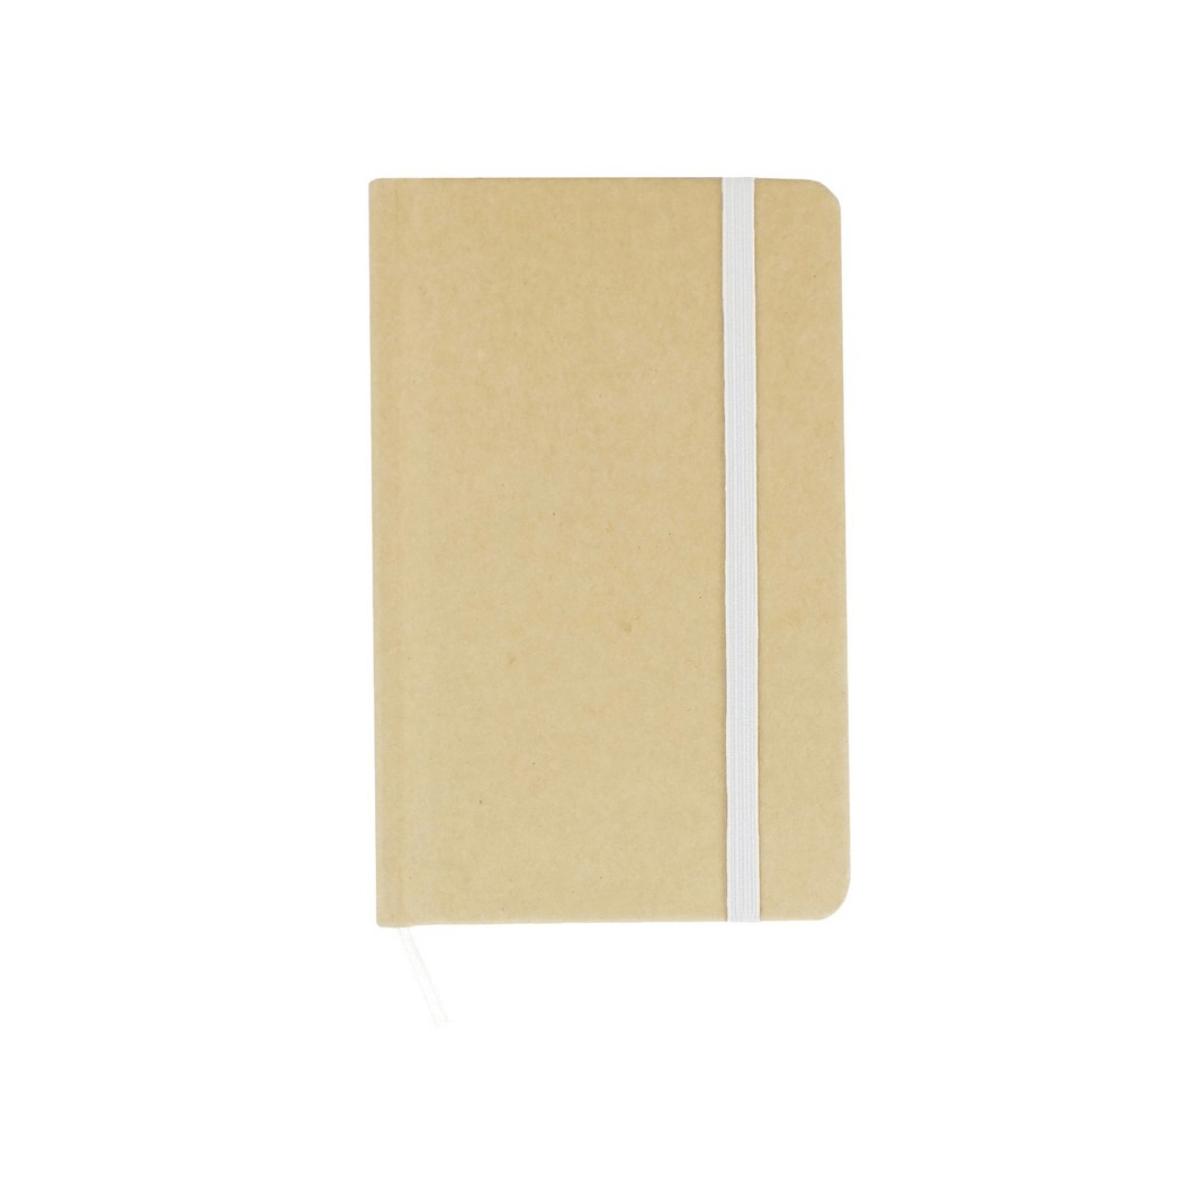 Notes z gumką